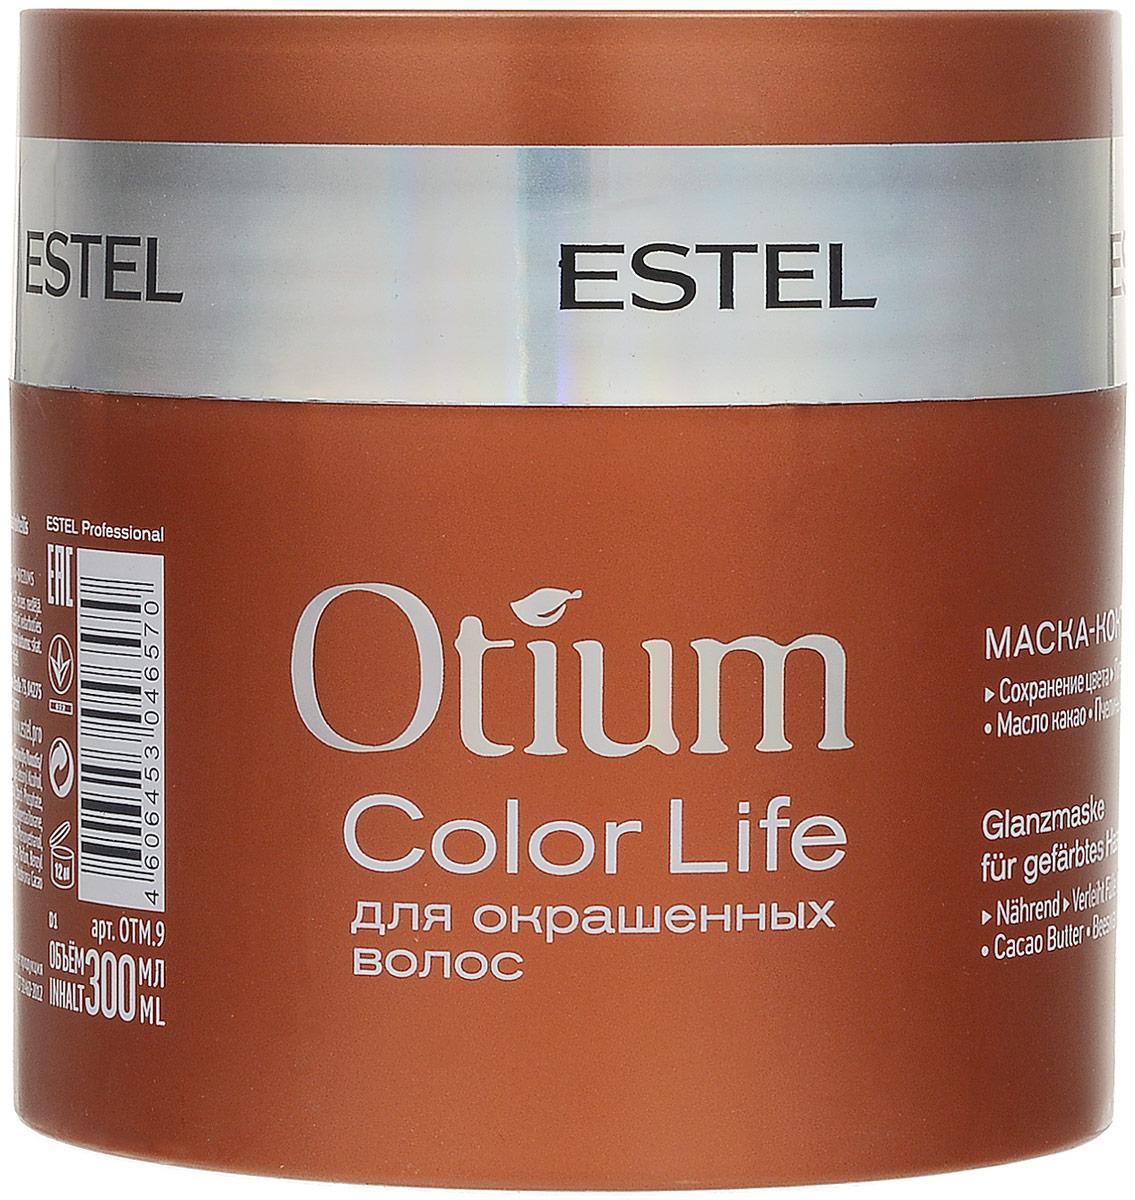 Estel Otium Color Life Маска-коктейль для окрашеных волос, 300 млOT.86/OTM.9_Color Life